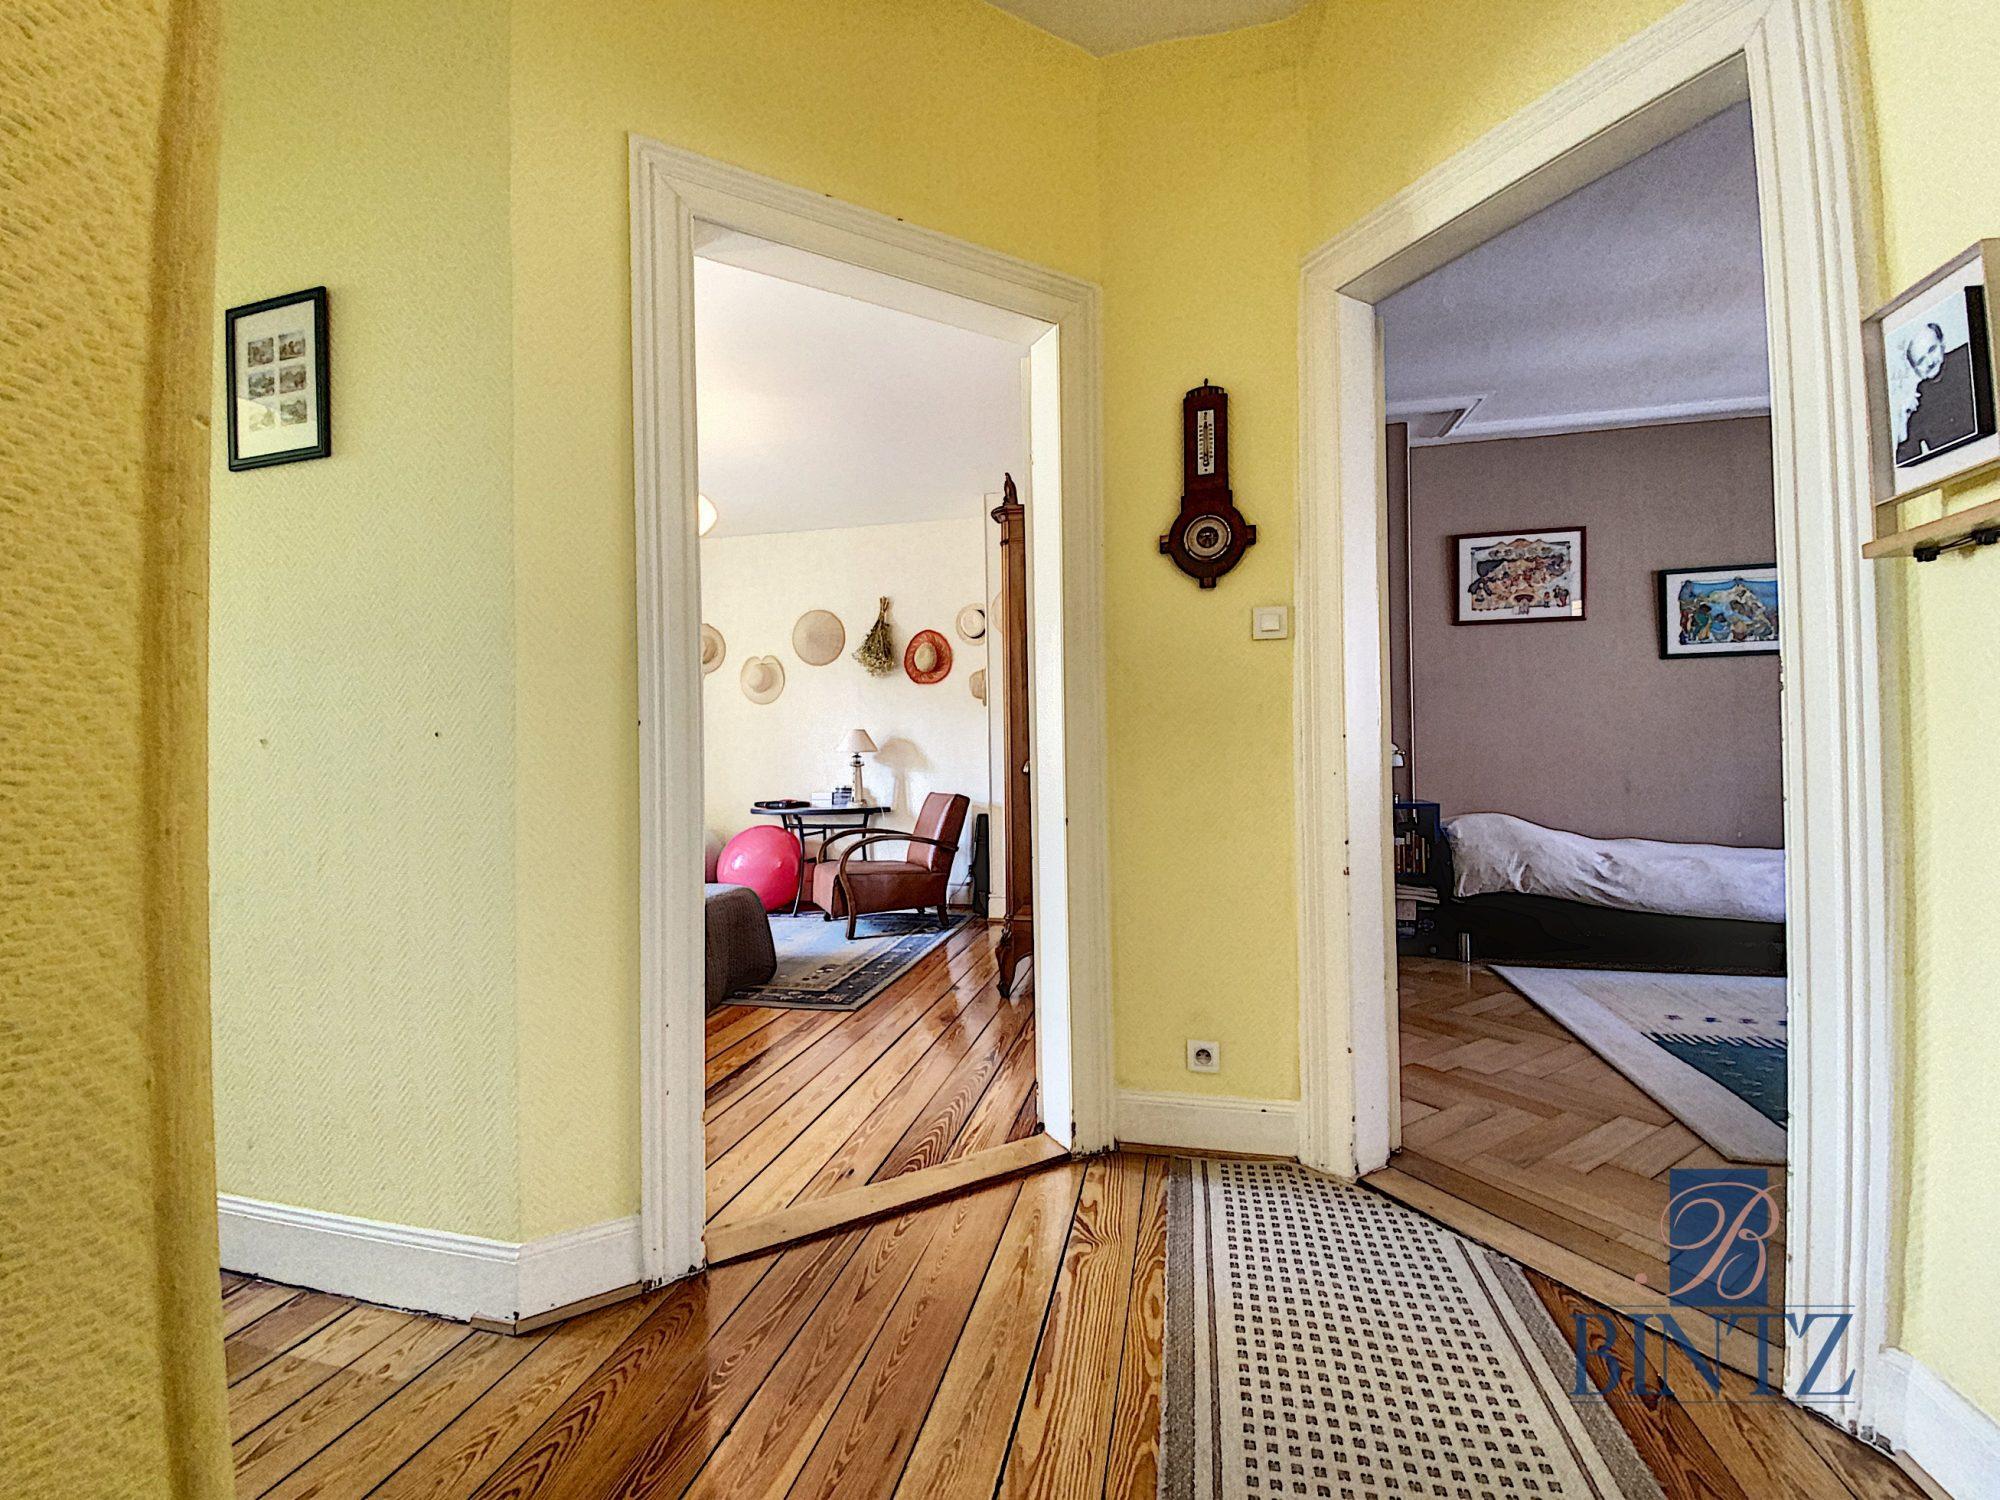 Appartement de 7 pièces – Rue Schwendi - Devenez propriétaire en toute confiance - Bintz Immobilier - 20